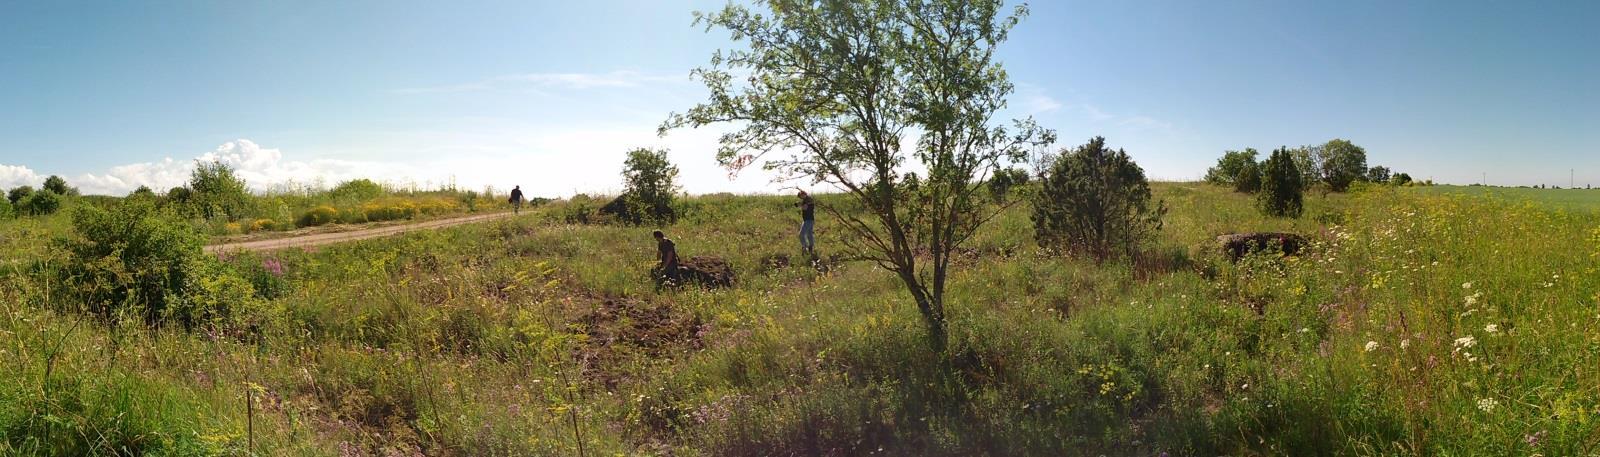 Malla vana paemurru asukoht (foto: T. Meidla, 2014).